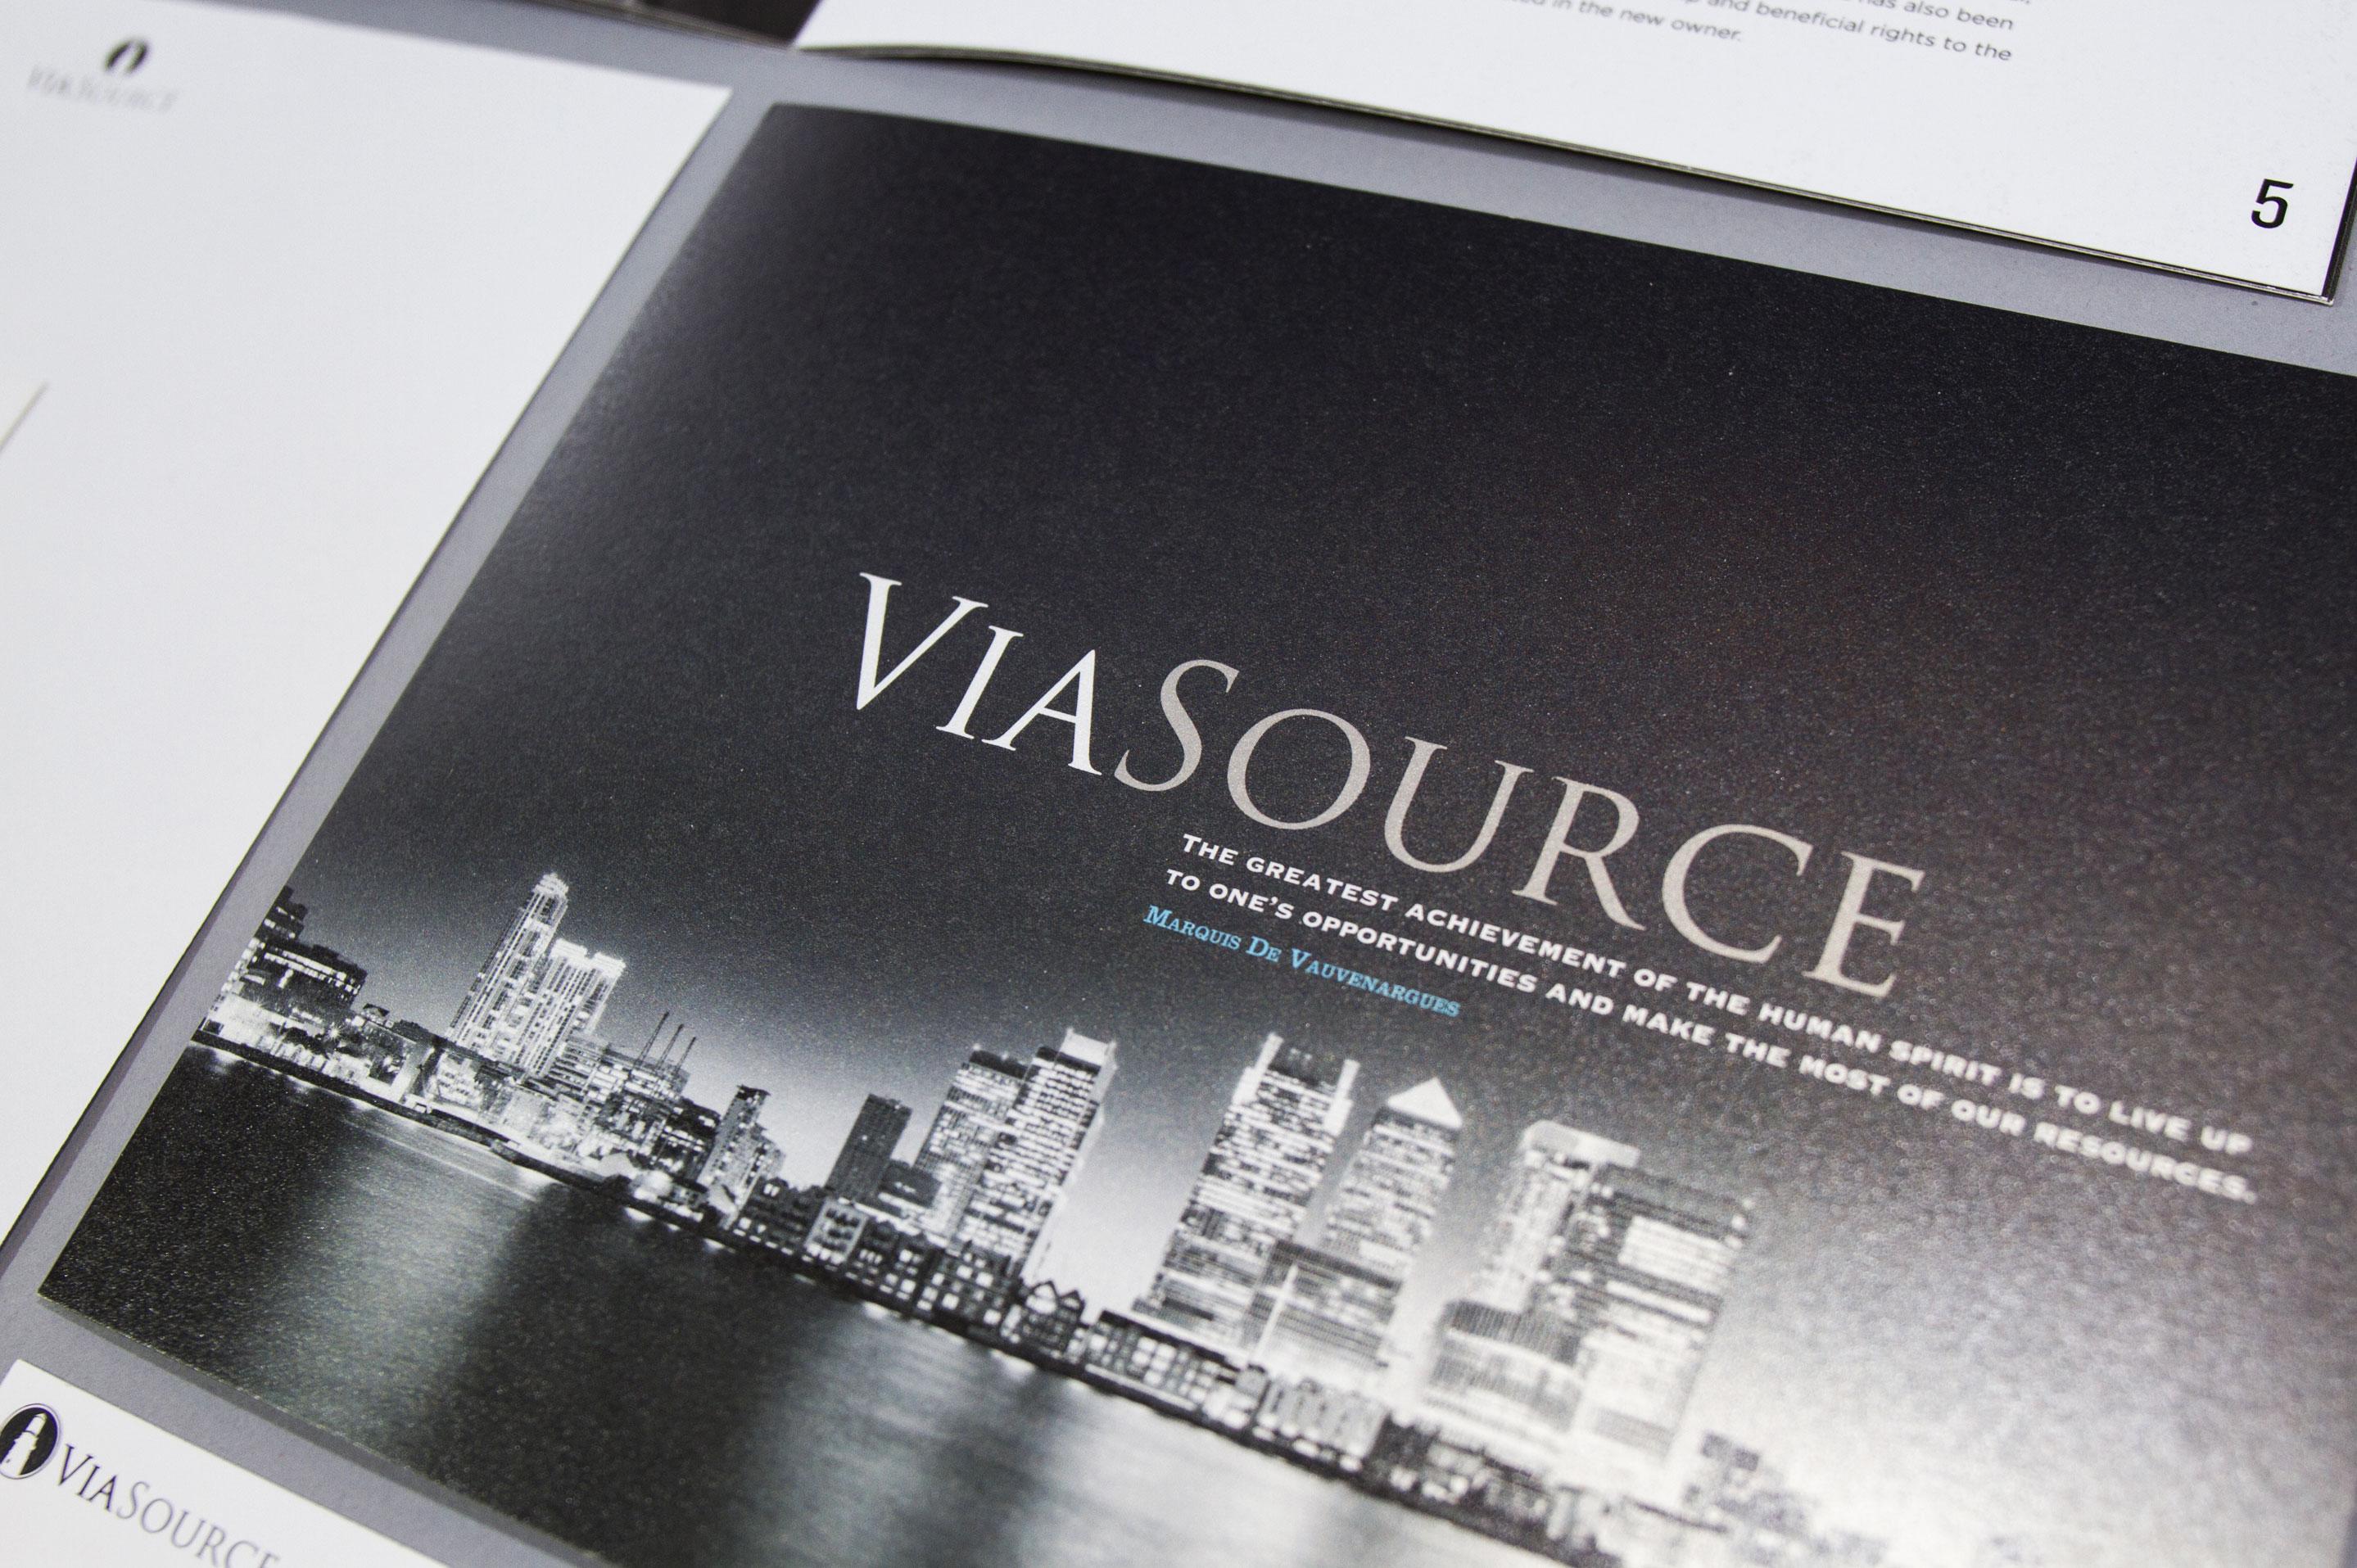 ViaSource